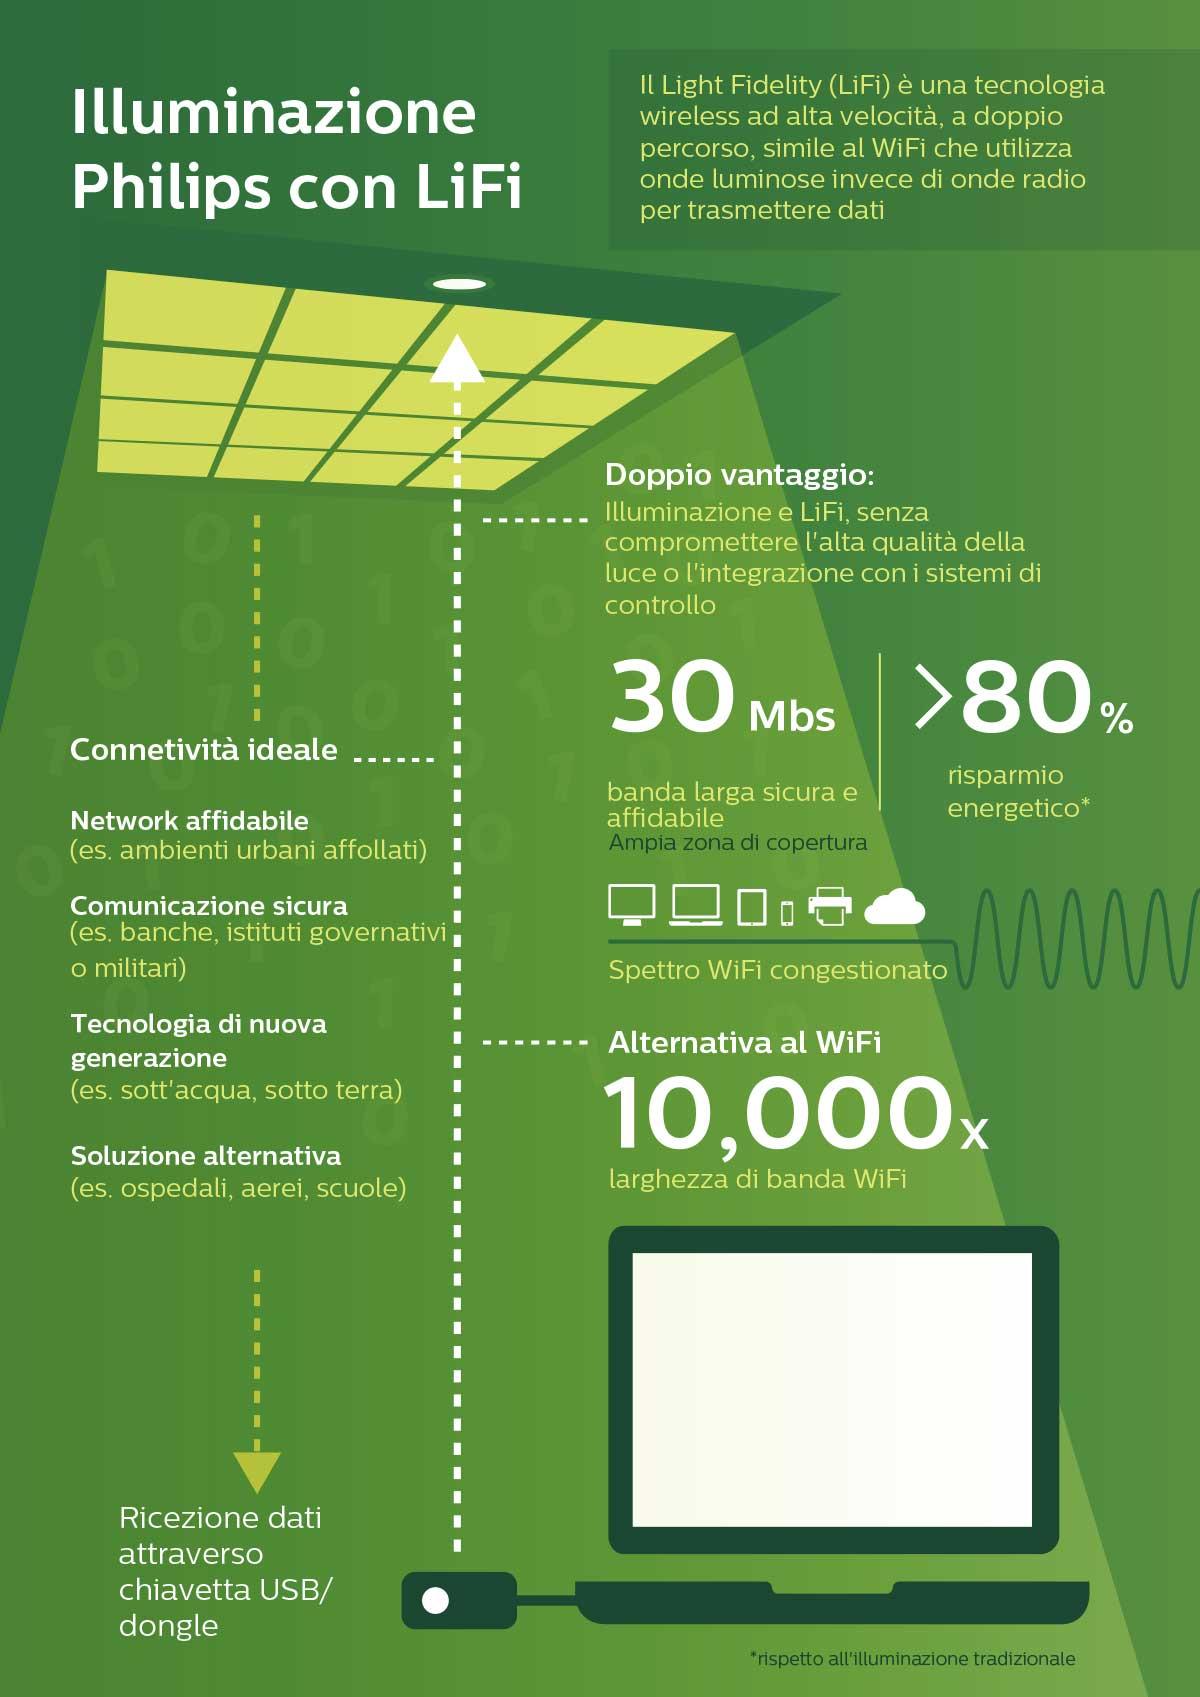 lifi, tecnologia per larga banda con la luce